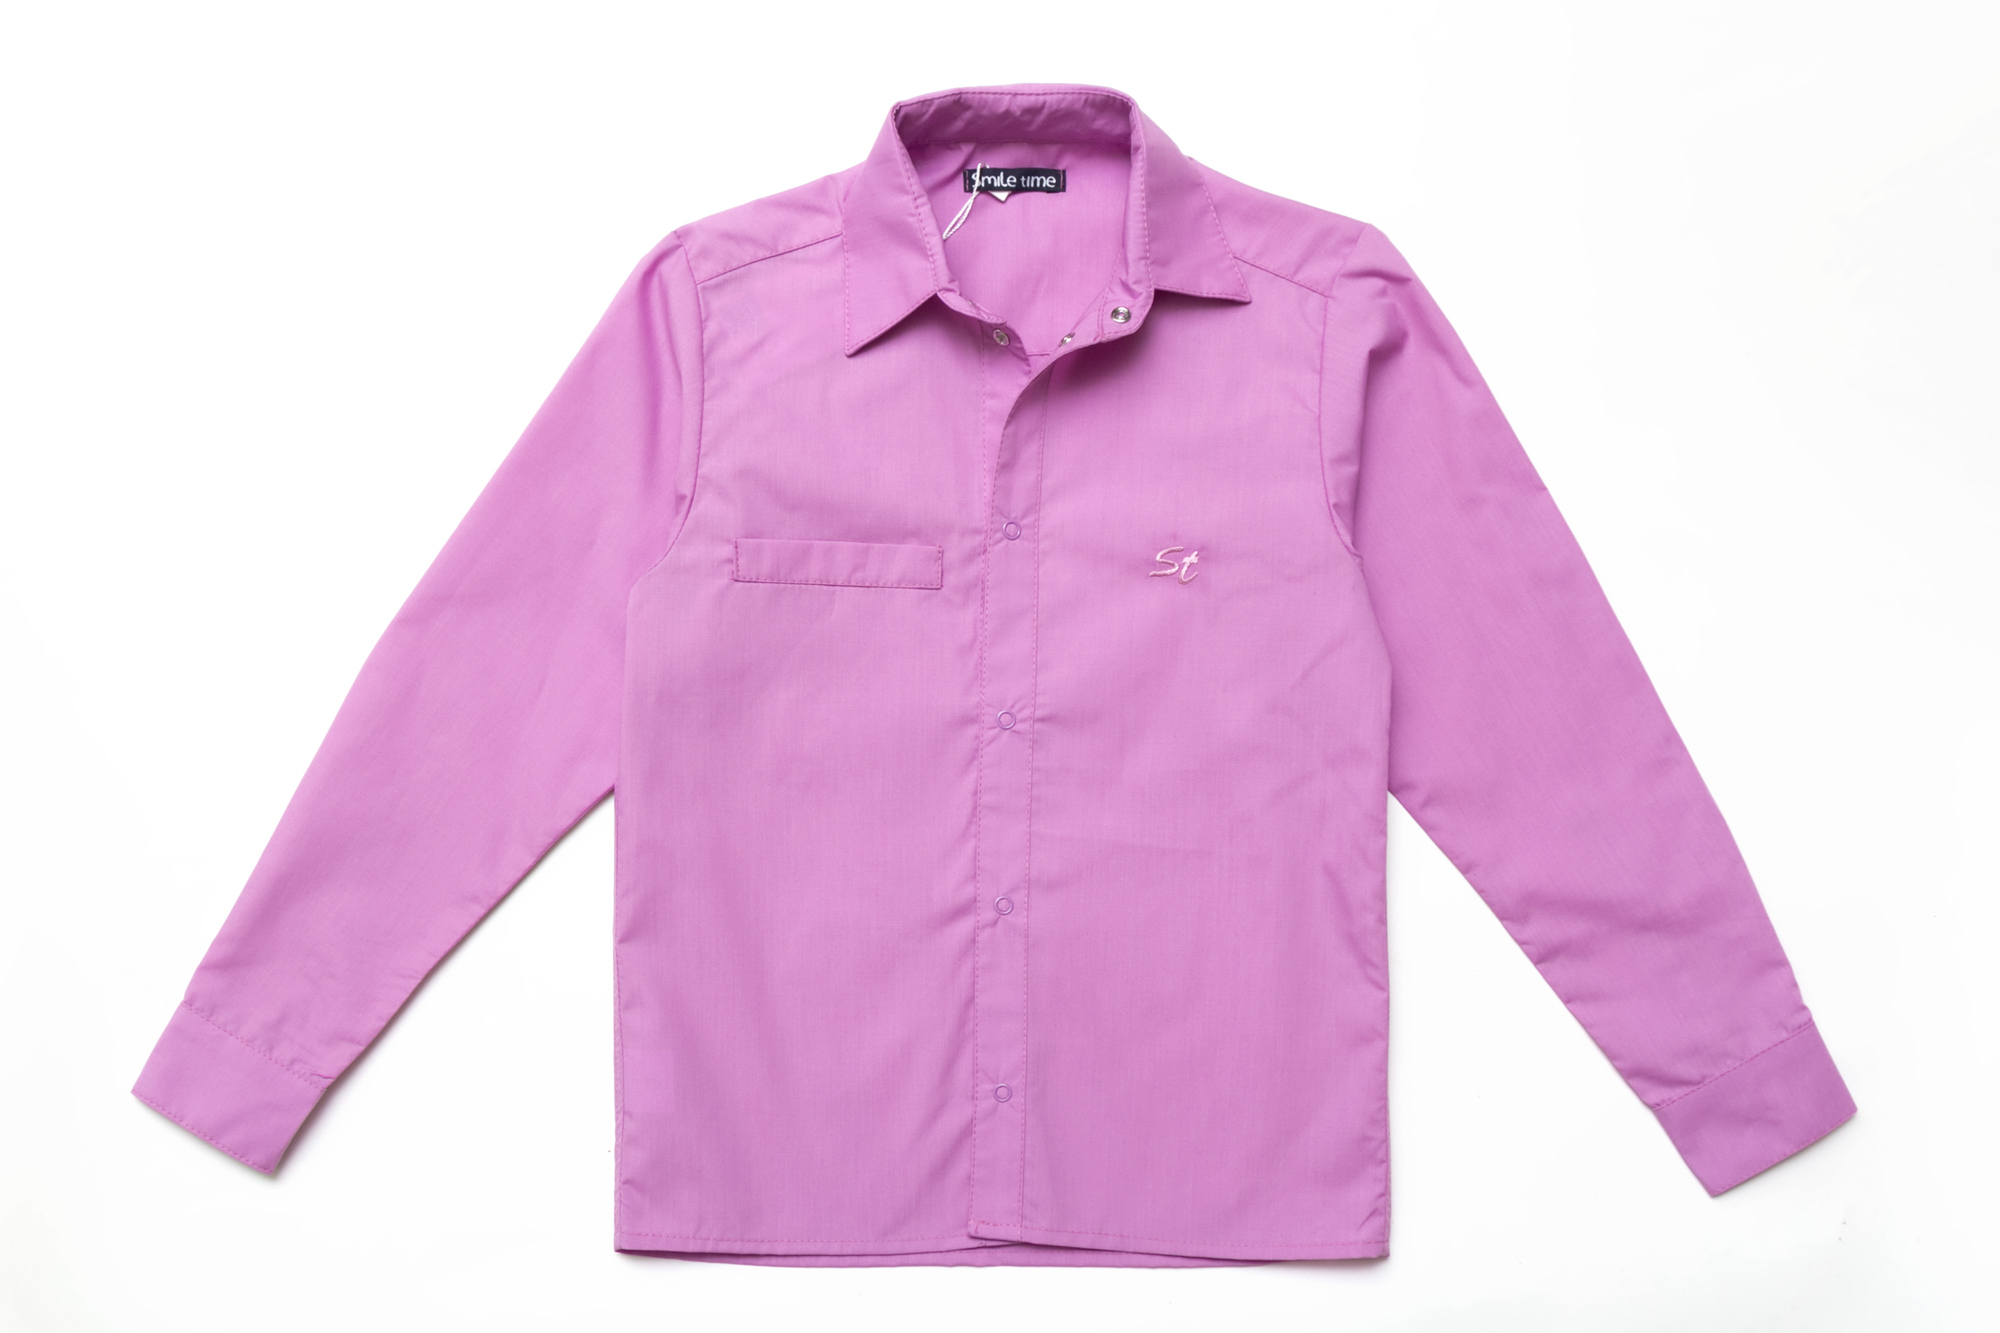 Рубашка SmileTime для мальчика с длинным рукавом на кнопках, лиловая